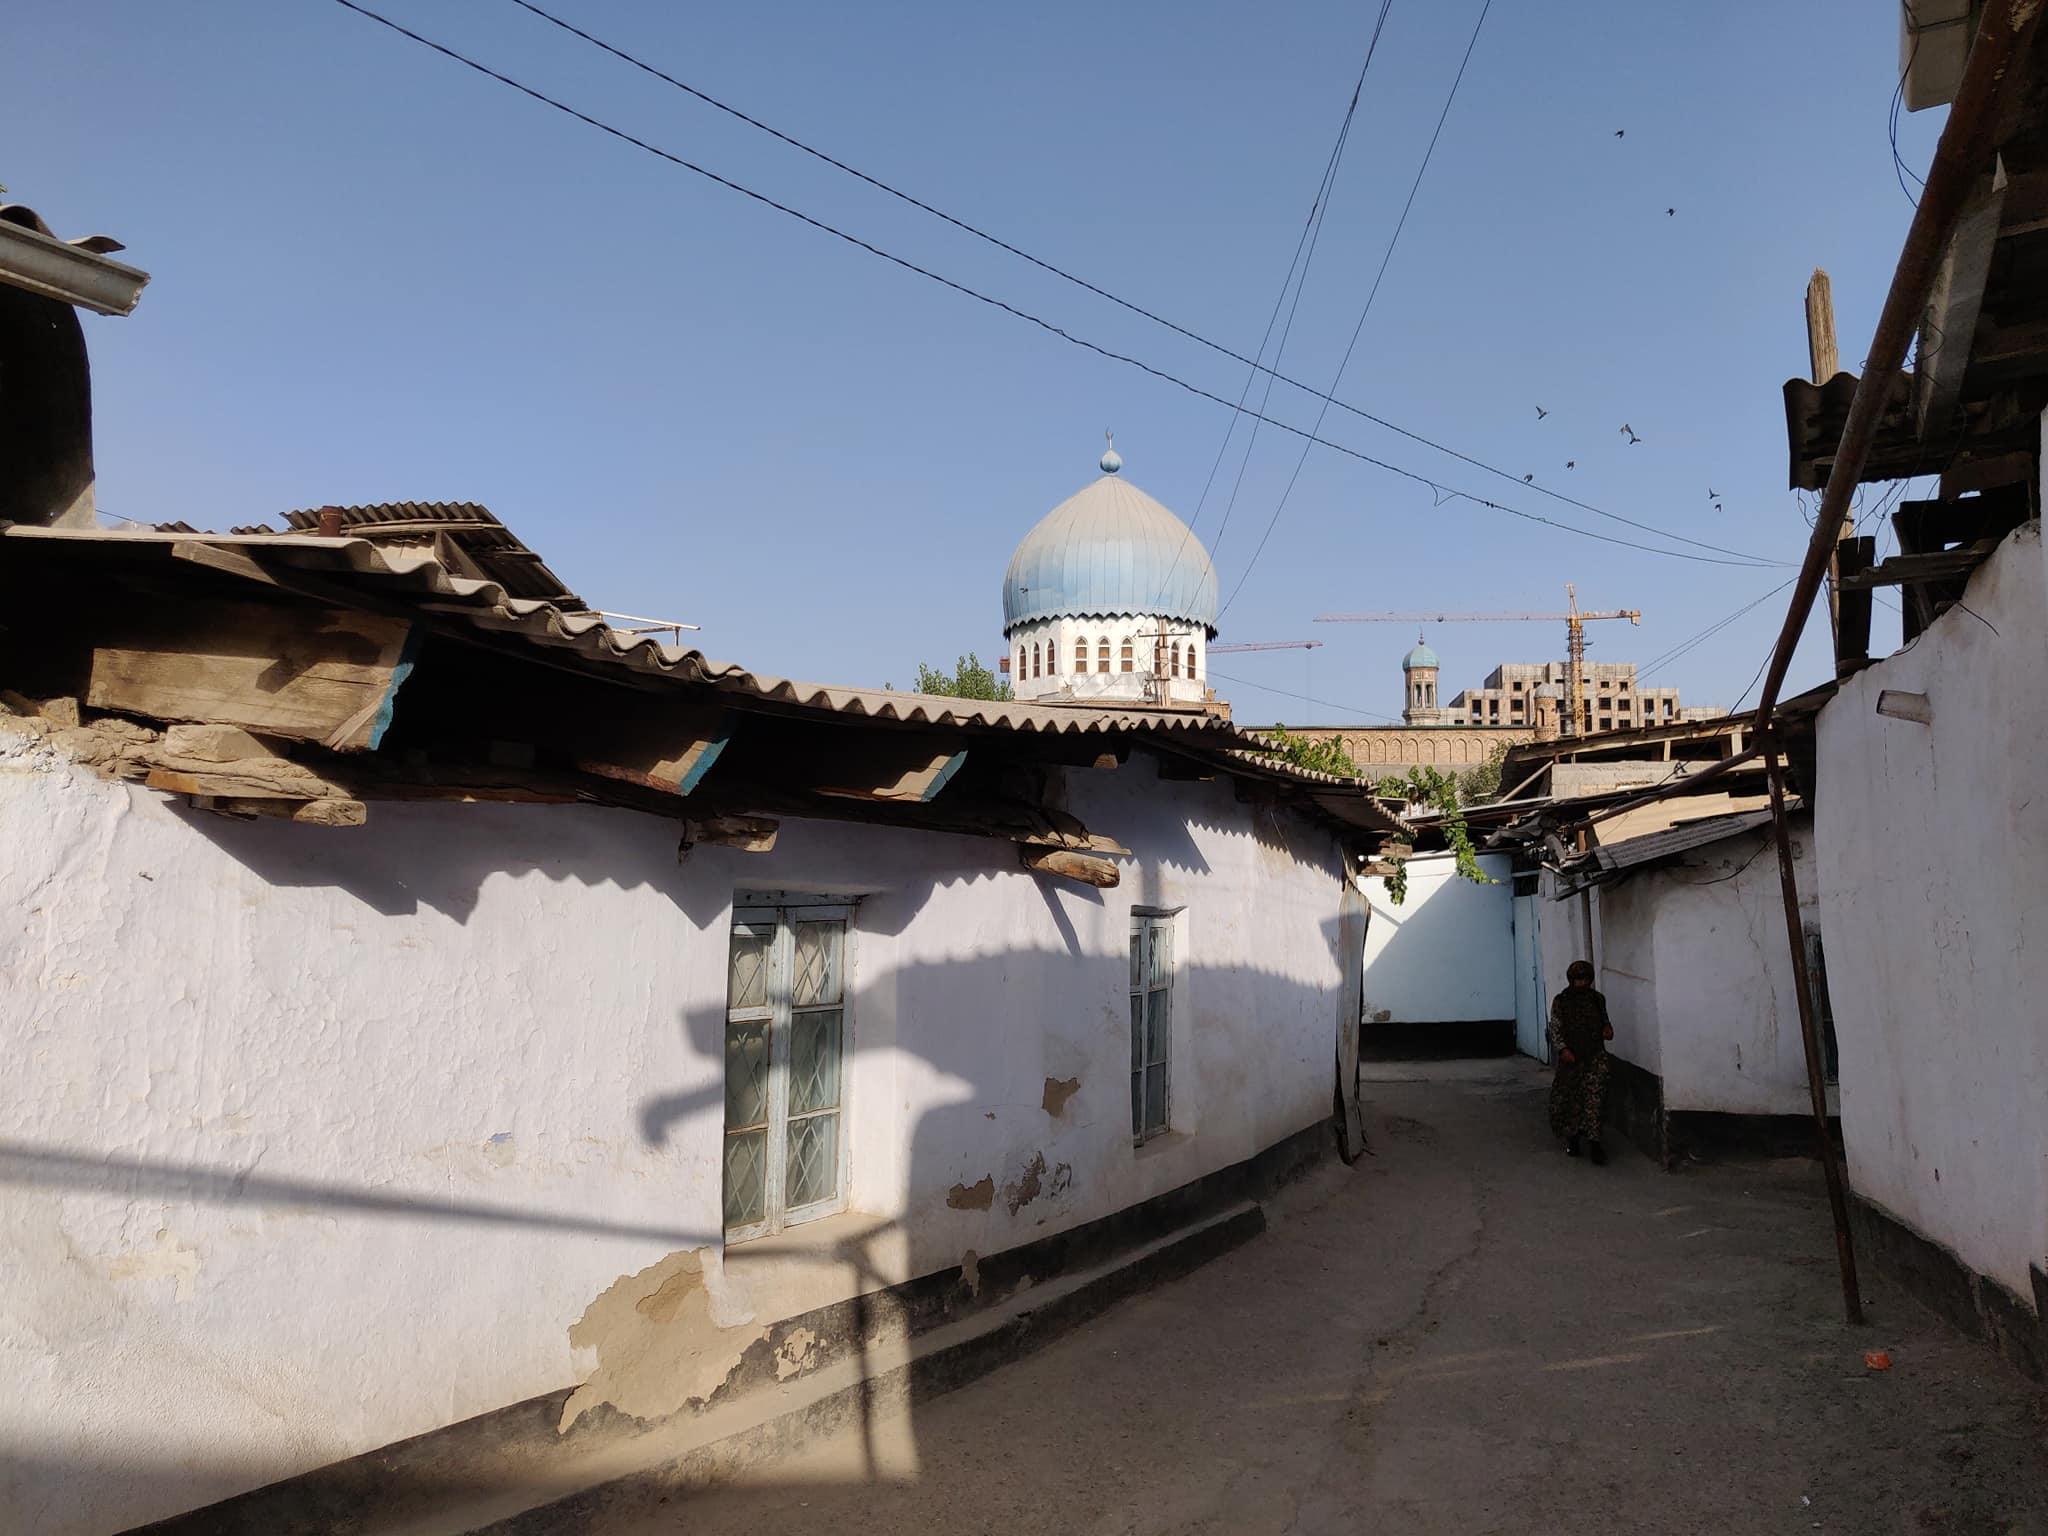 L'anima storica di Dushanbe si nasconde dietro ai palazzoni nuovi (che temiamo avrà vita breve)